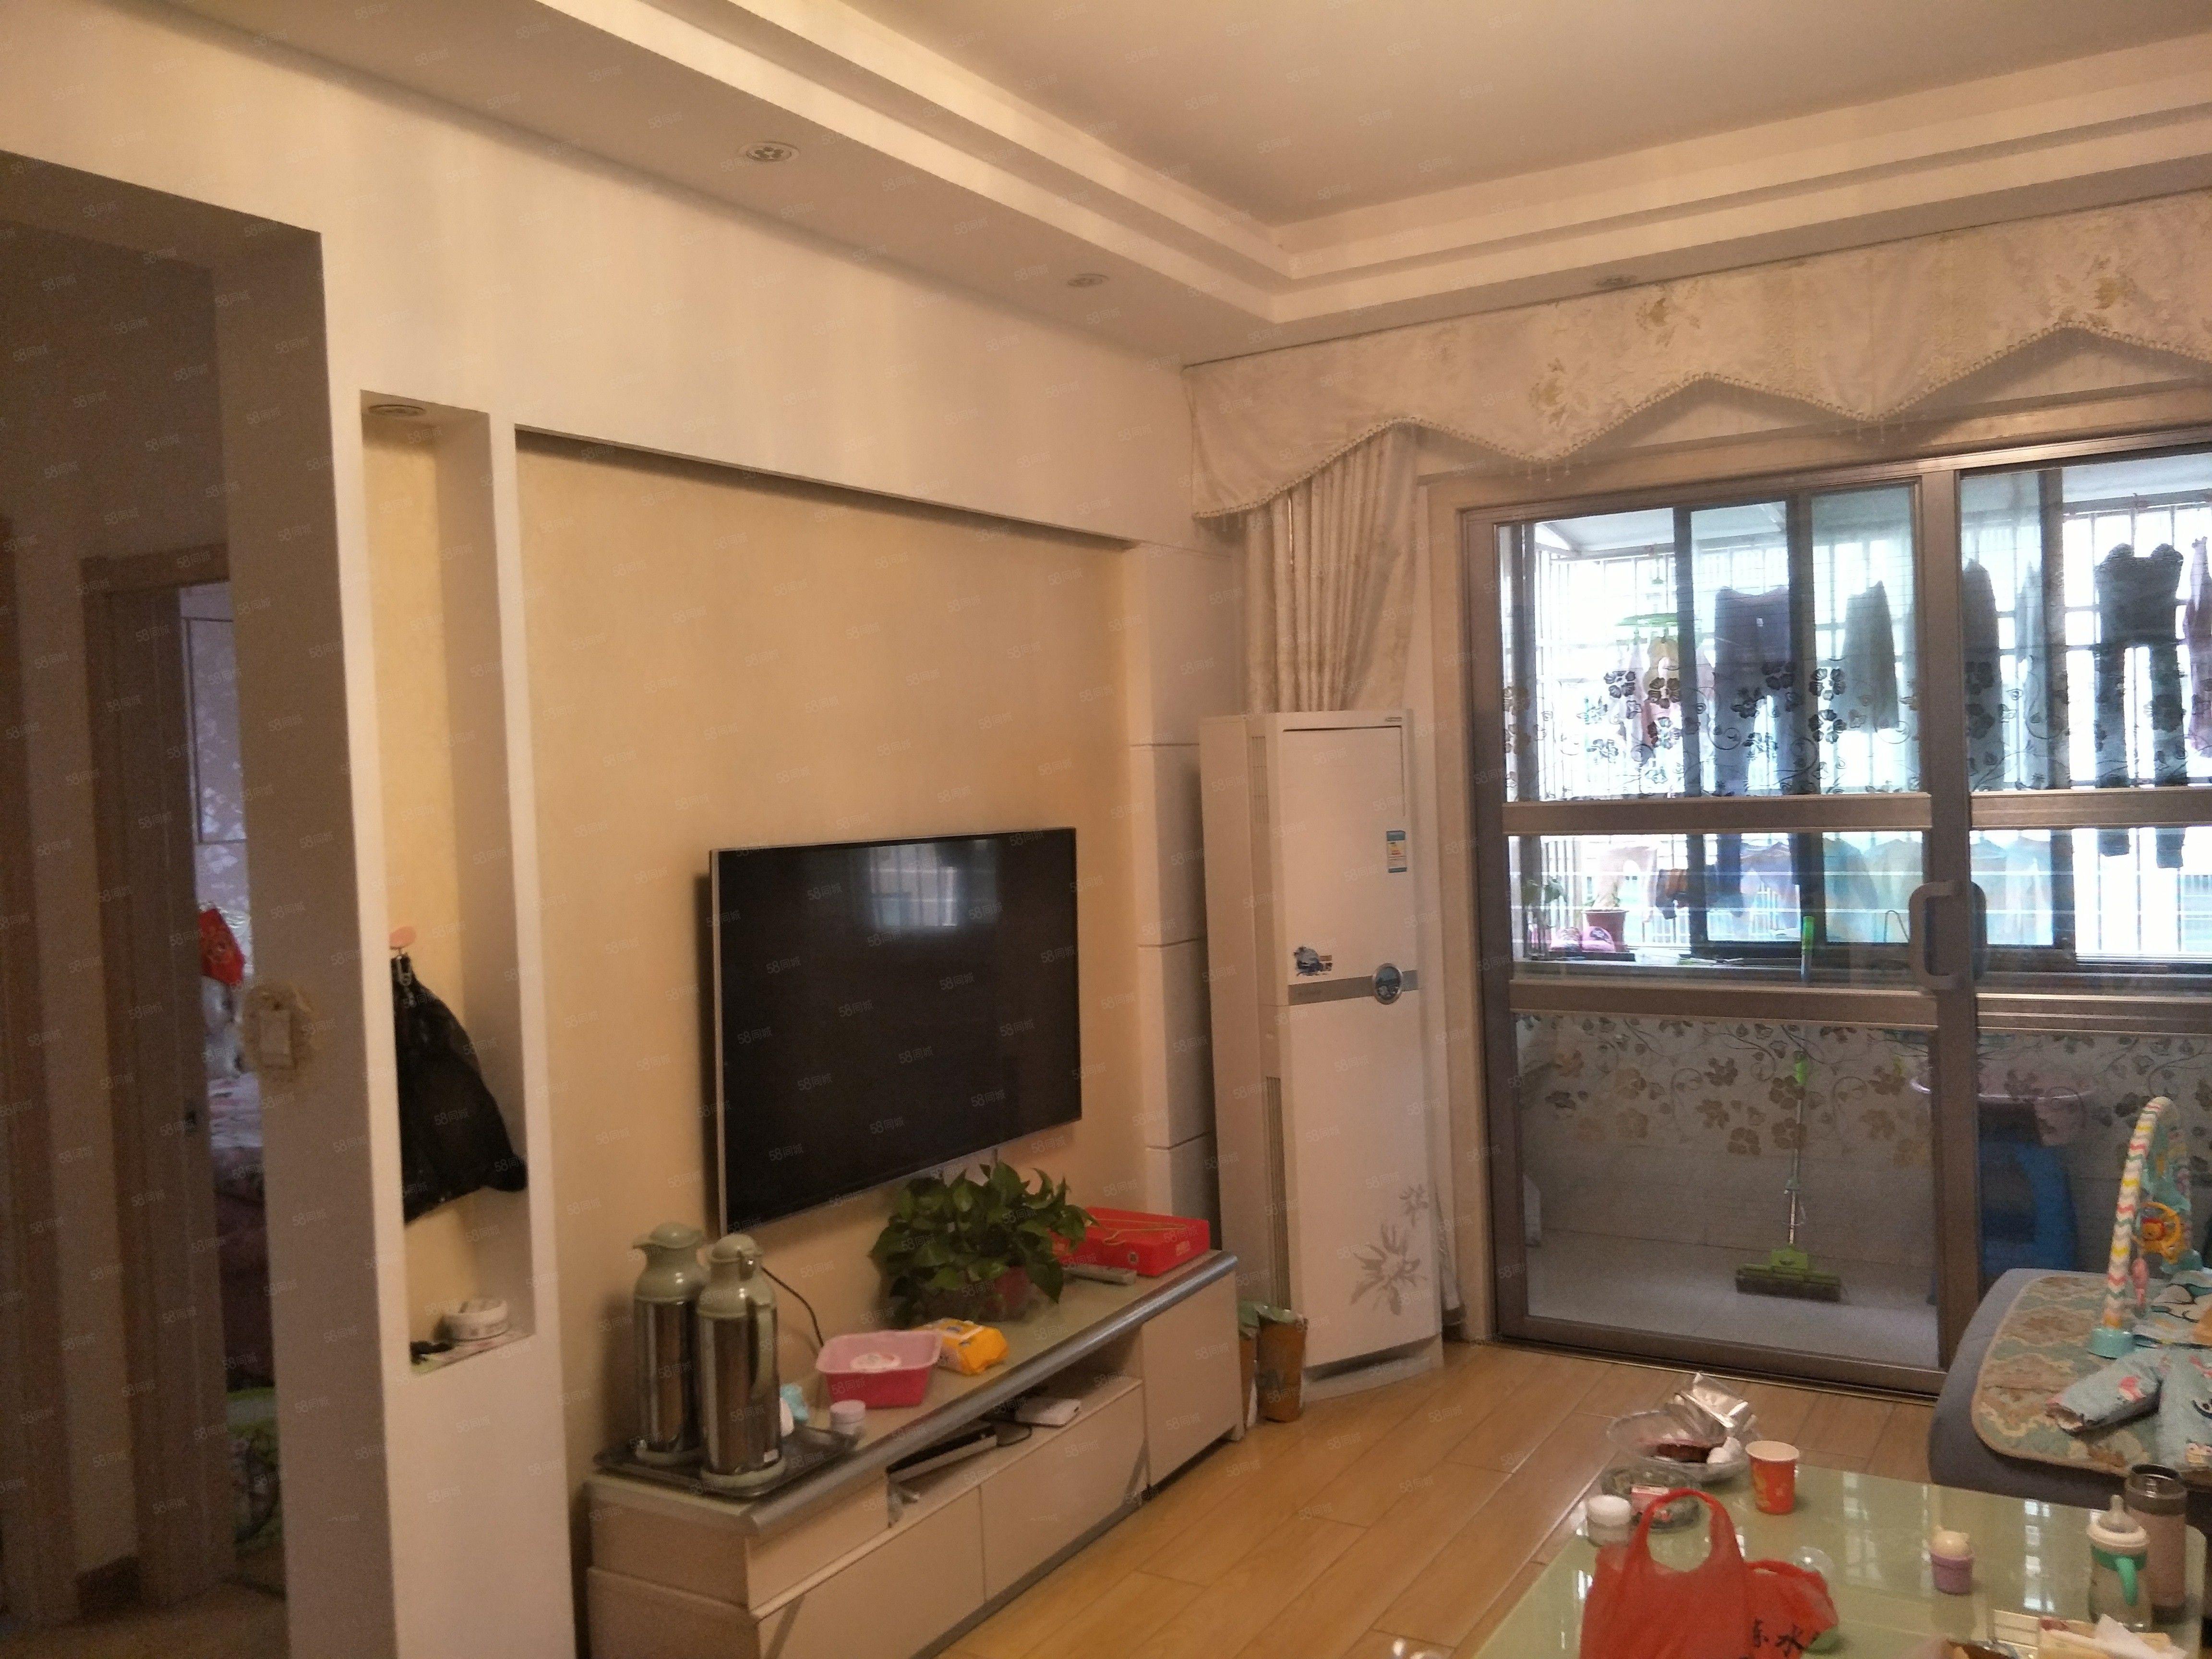 嘉宜时代广场,两室两厅,豪装,93平米,78万